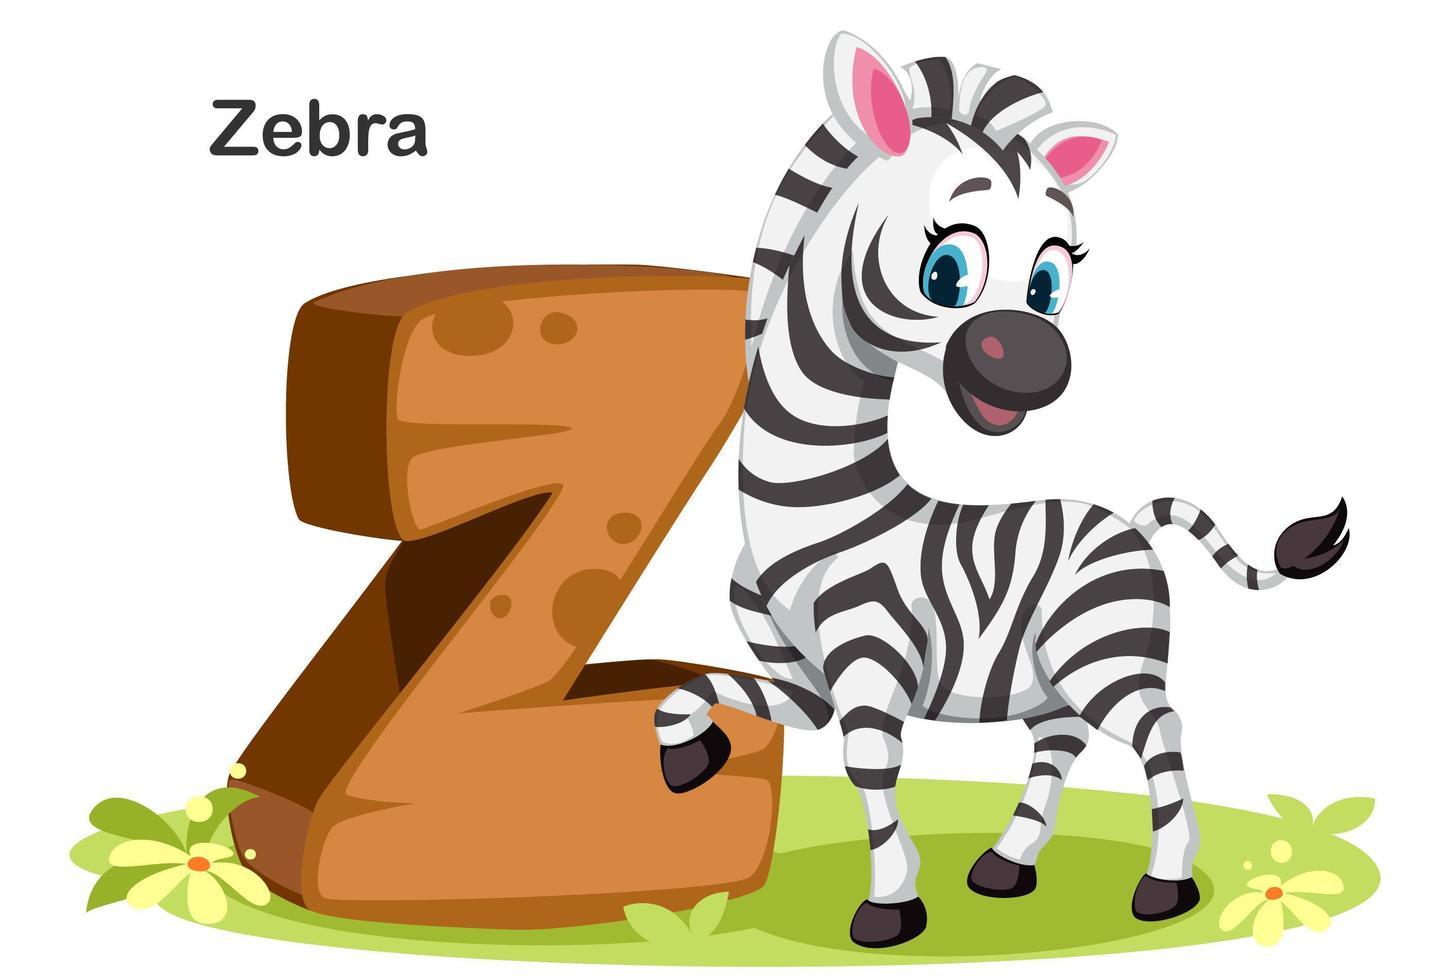 z para zebra vetor